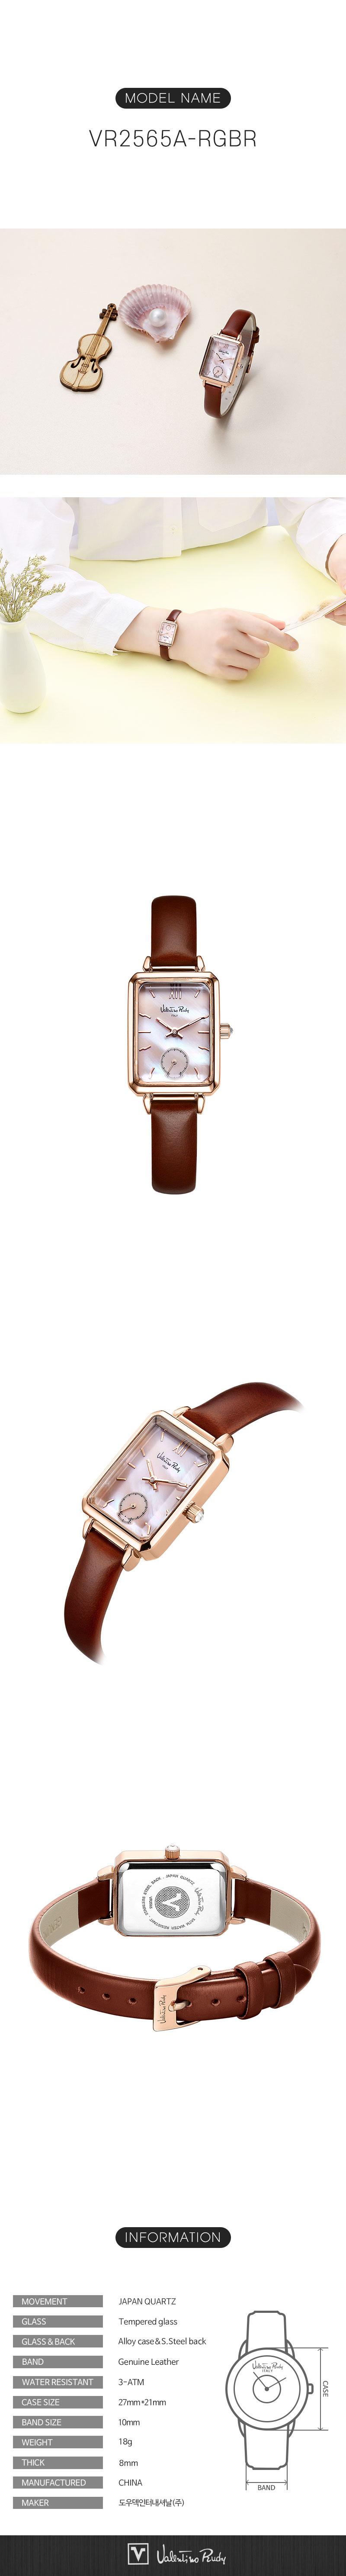 발렌티노 루디(VALENTINO RUDY) VR2565A-RGBR 여자시계 가죽시계